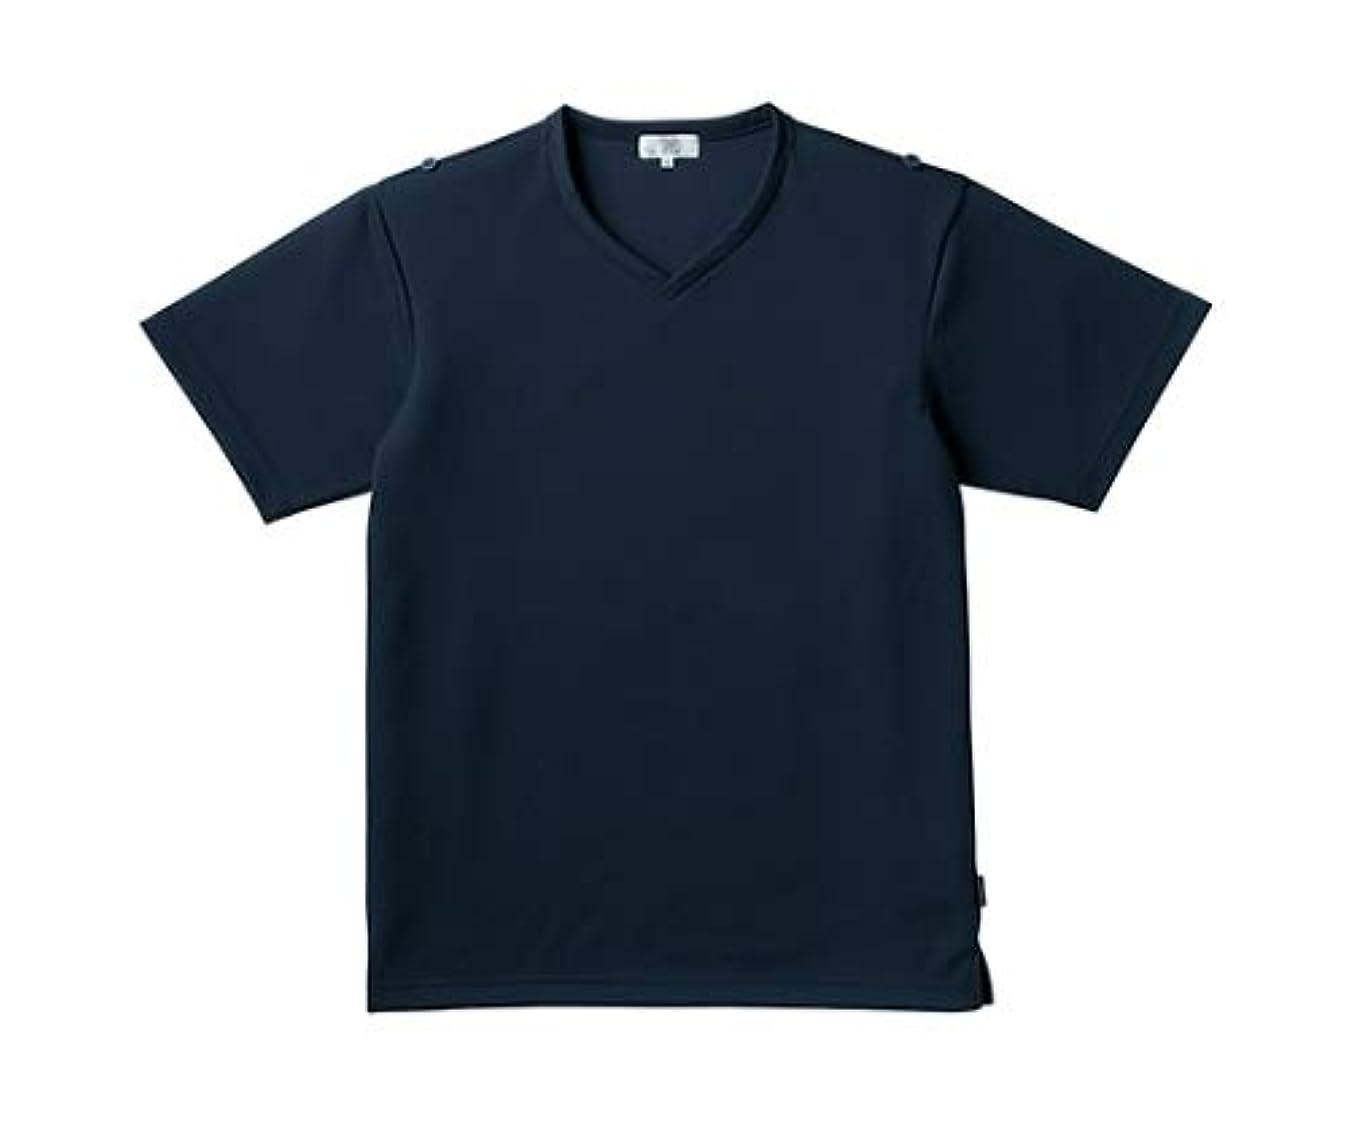 消去傾向味方トンボ/KIRAKU 入浴介助用シャツ CR160 3L ネイビー